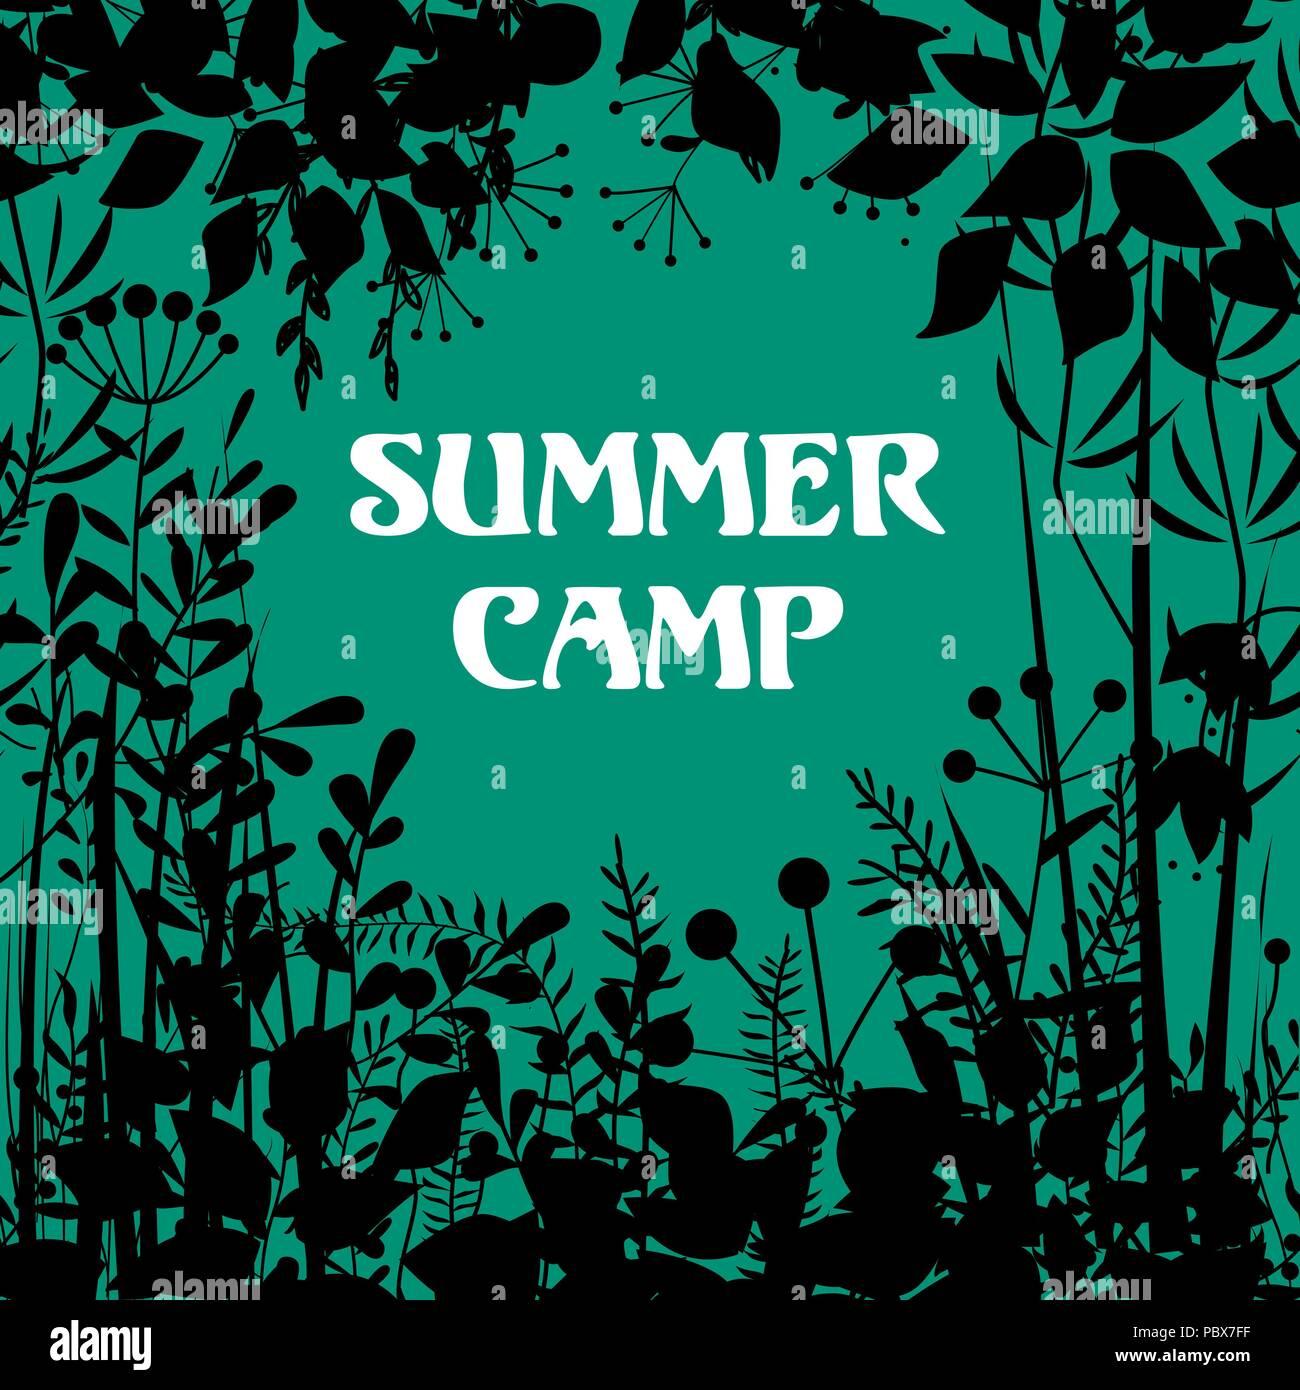 Summer Camp sfondo. Vector decorativi cornice floreale con elementi della foresta. Doodle sfondo per estate aria aperta progetti, schede, imballaggio Immagini Stock